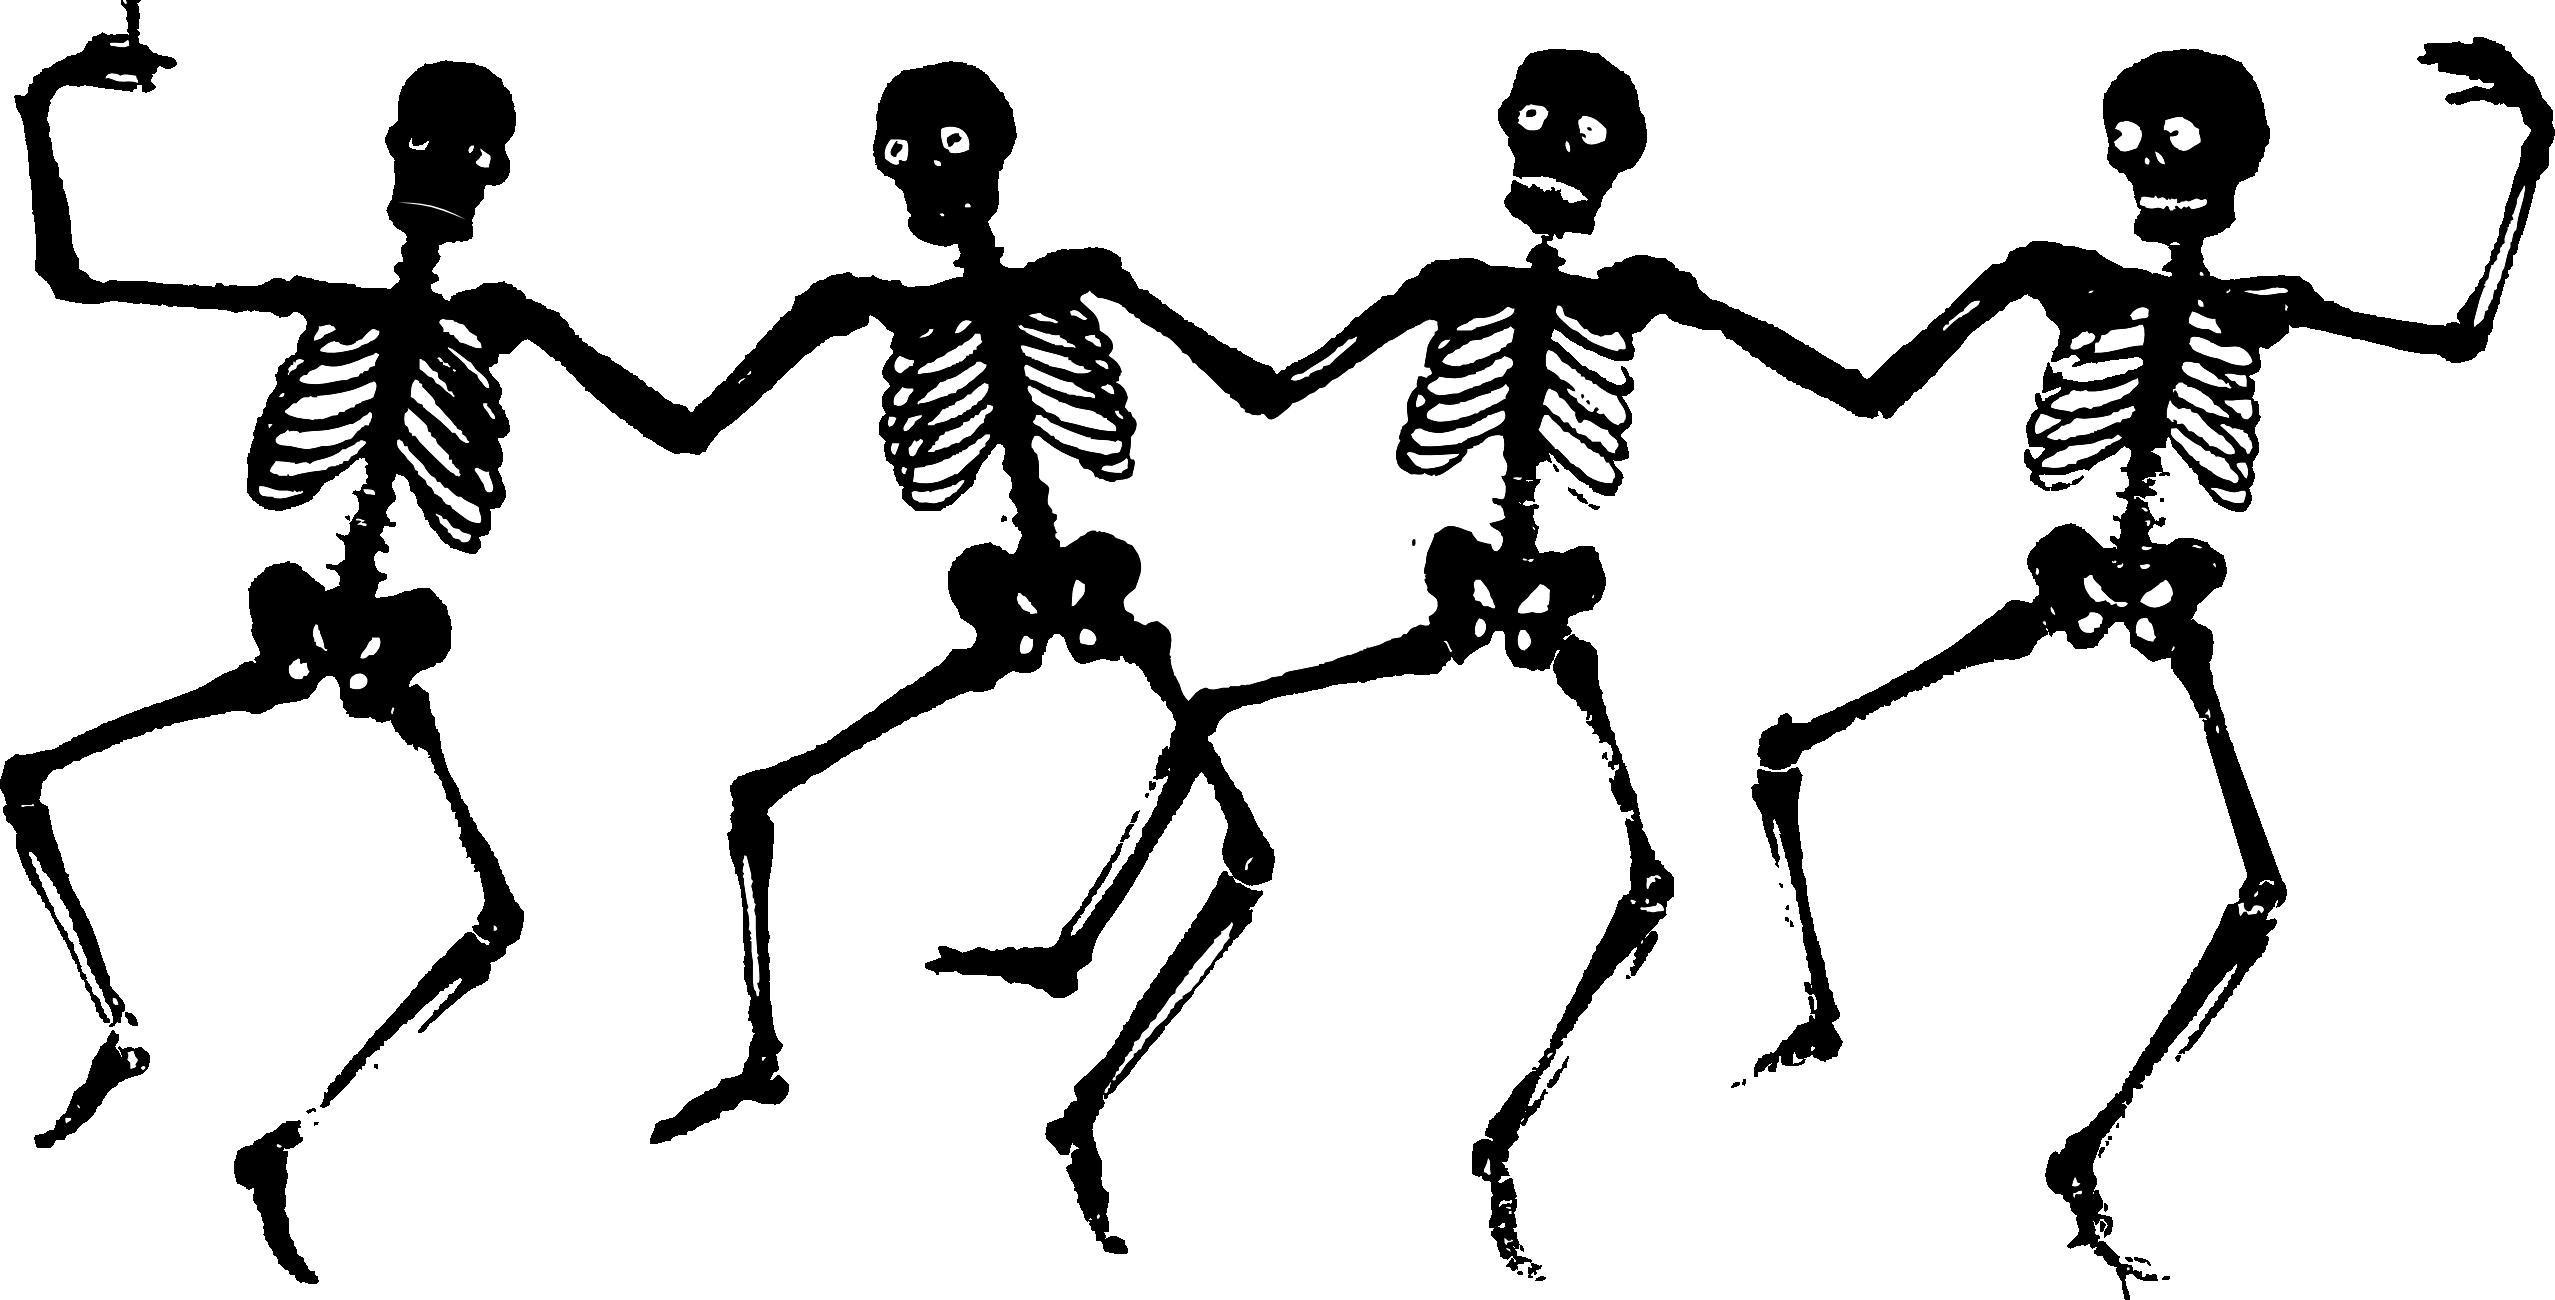 Dancing Black Skeletons